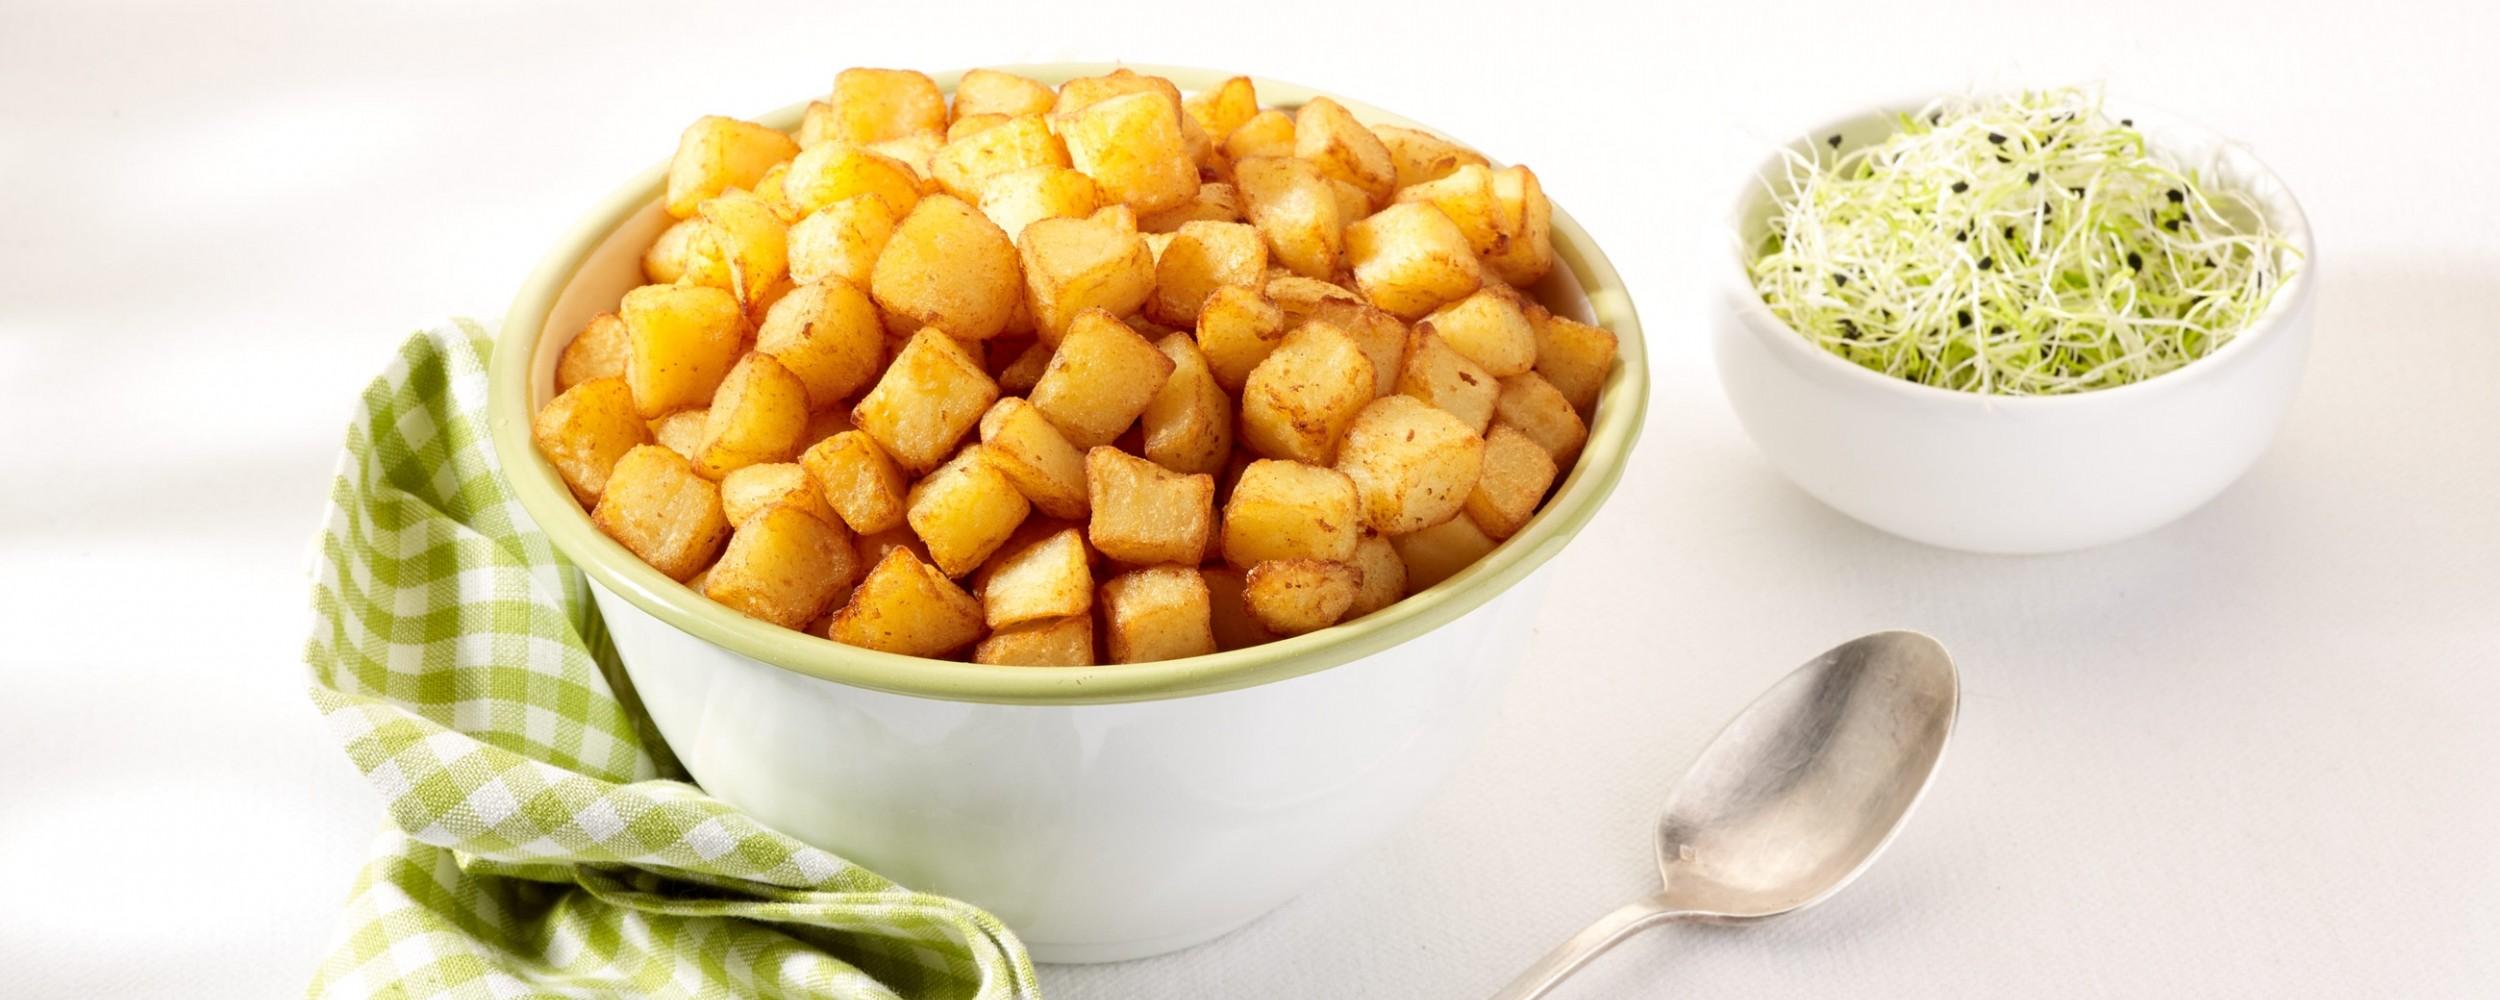 Remo-Fresh Bio-Kartoffeln